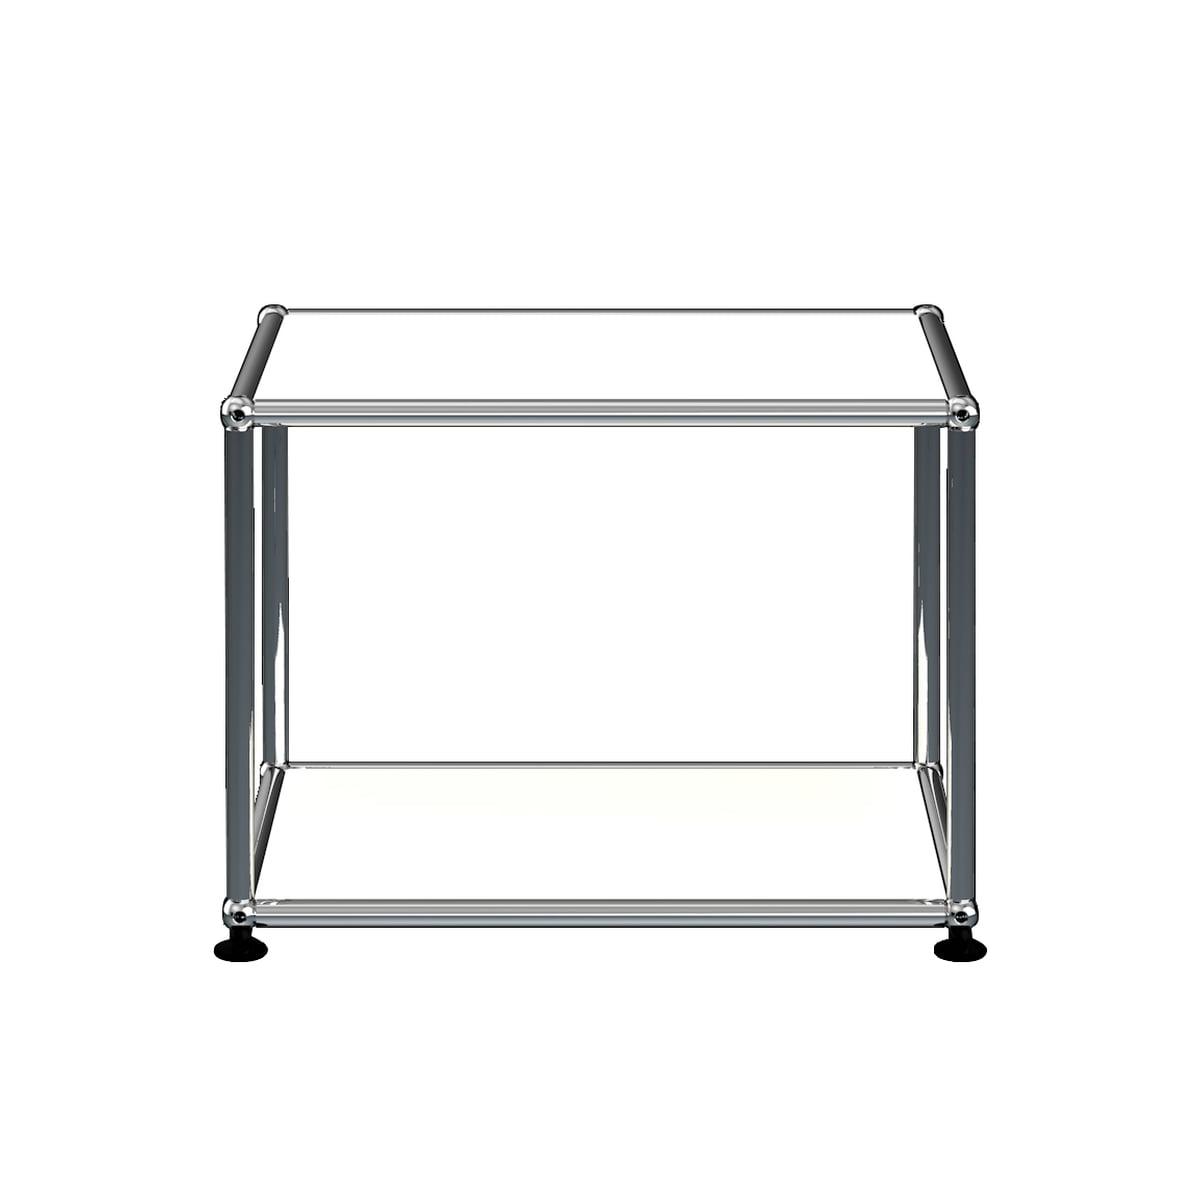 Achetez La Table D Appoint Usm Chez Connox